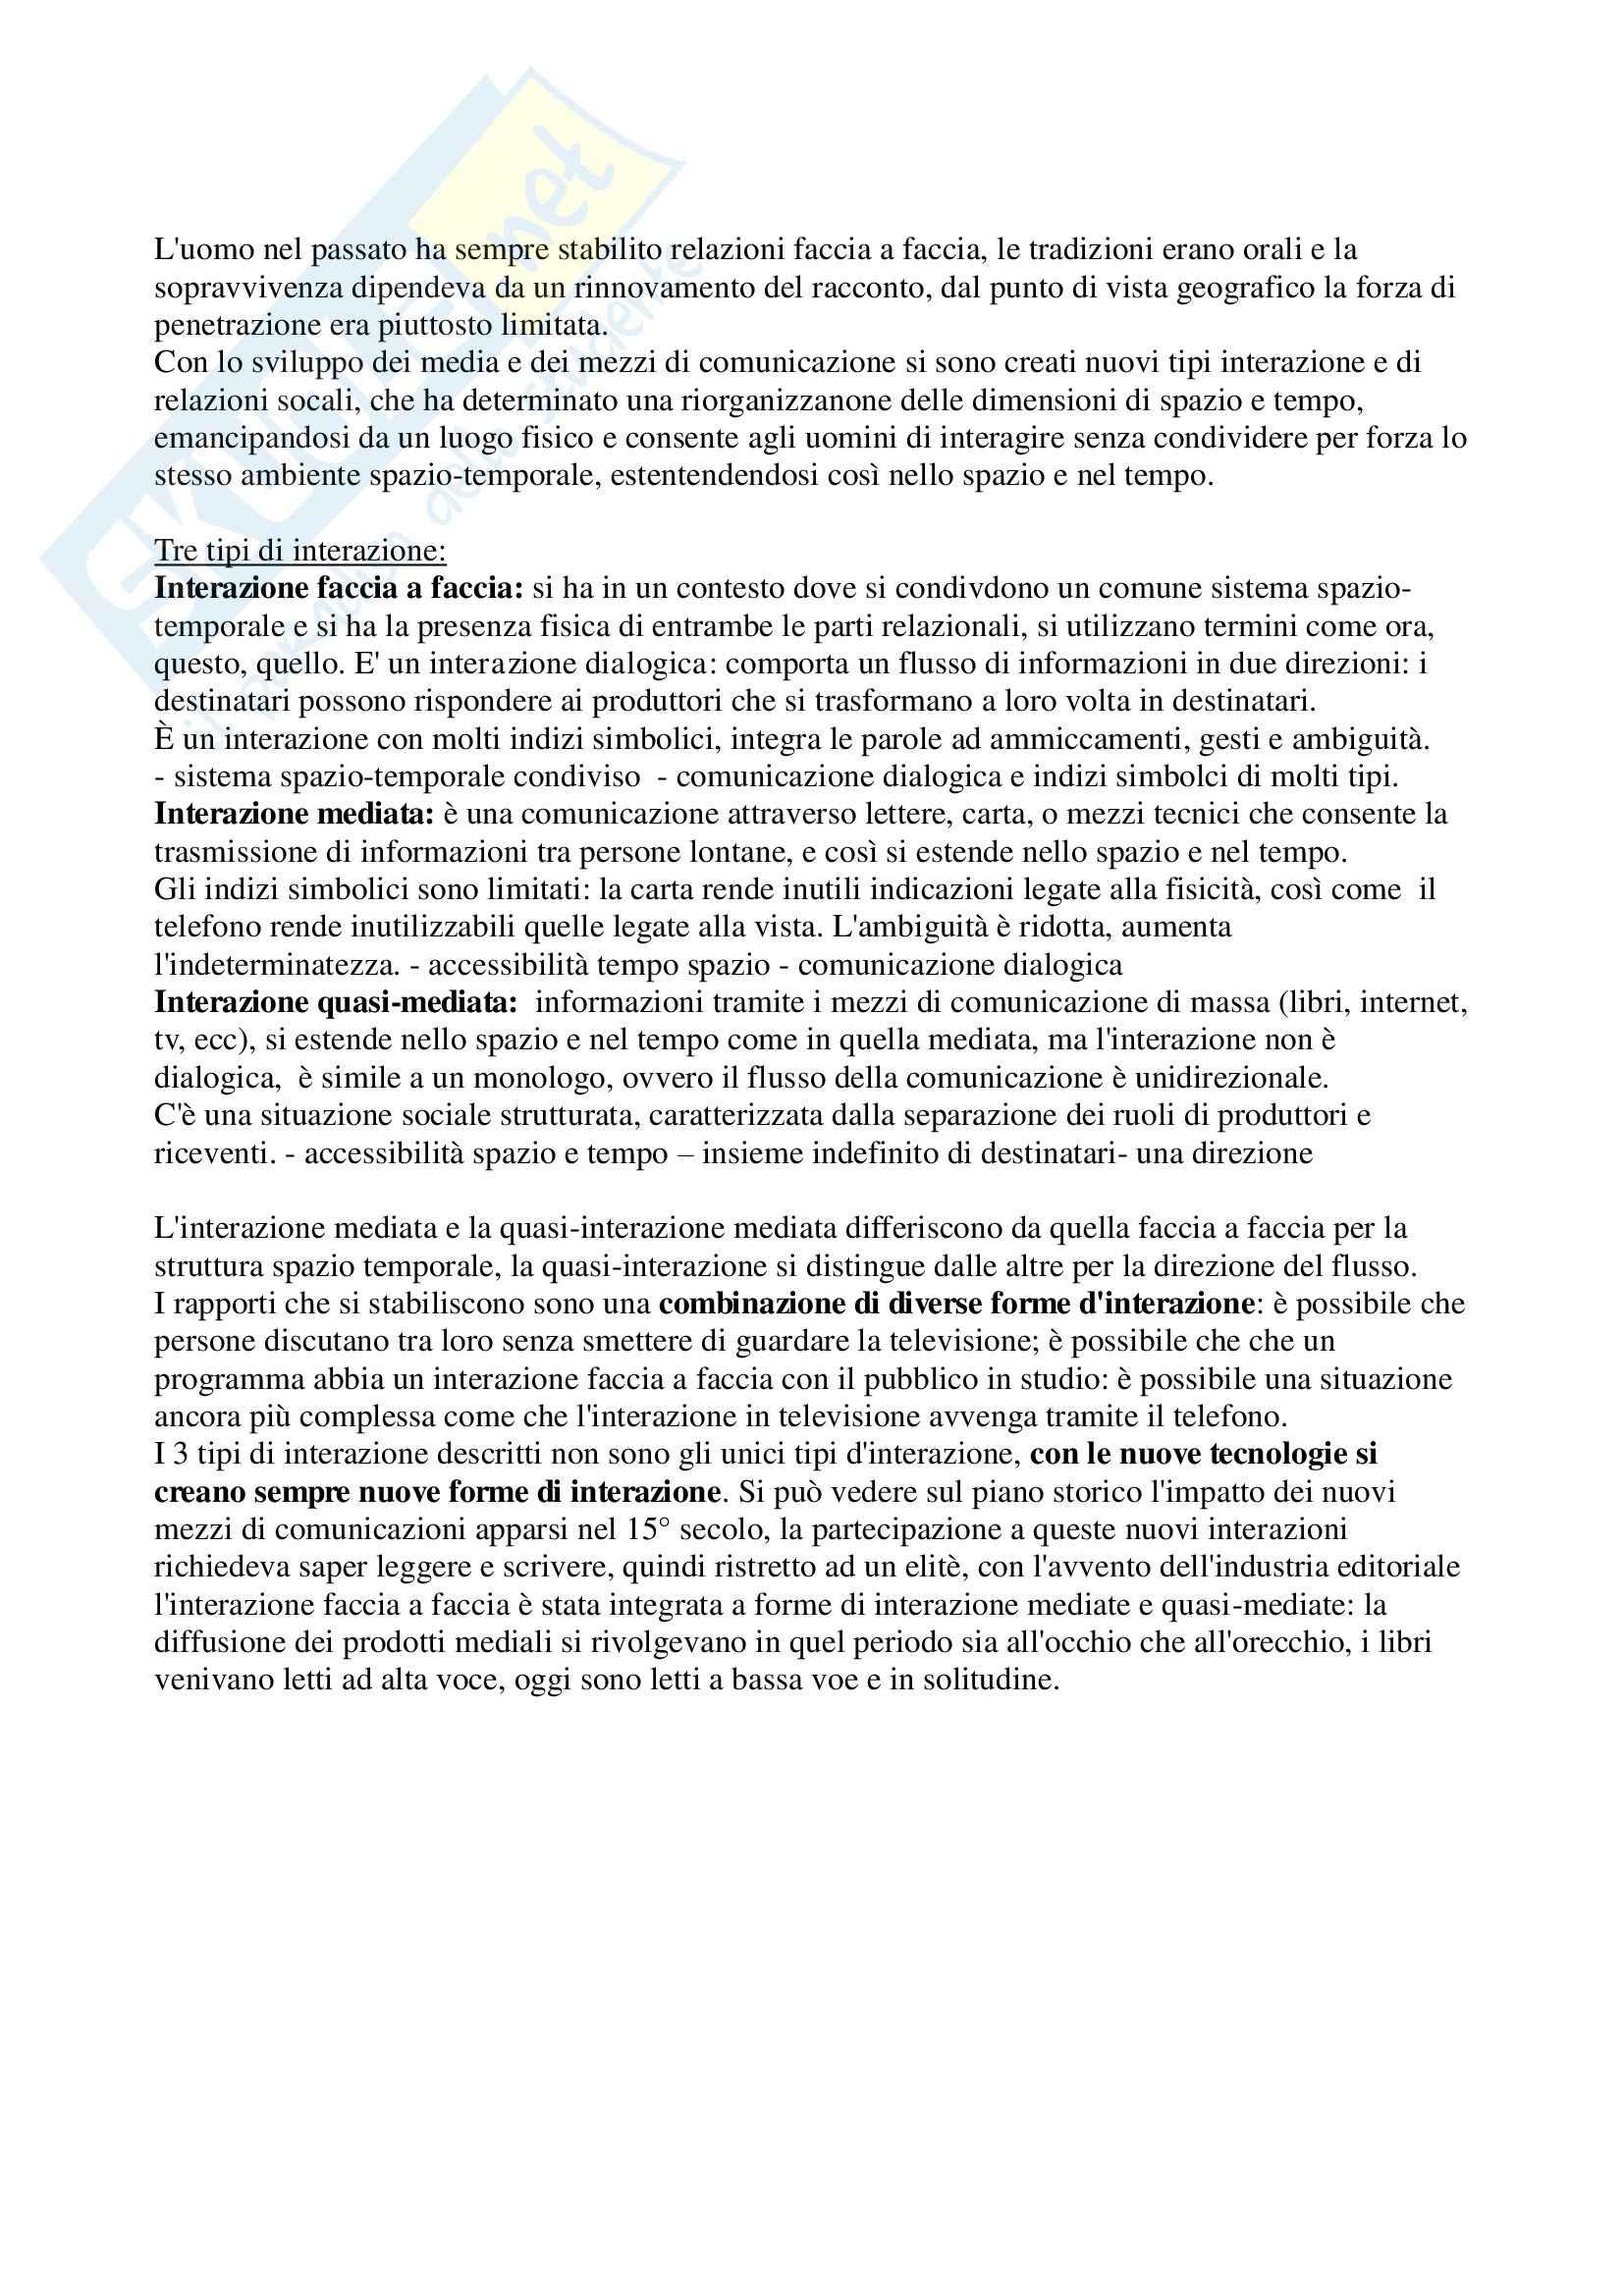 Riassunto esame Sociologia della Comunicazione, prof. Lalli, libro consigliato La Nascita dell'Interazione Mediata, Thompson